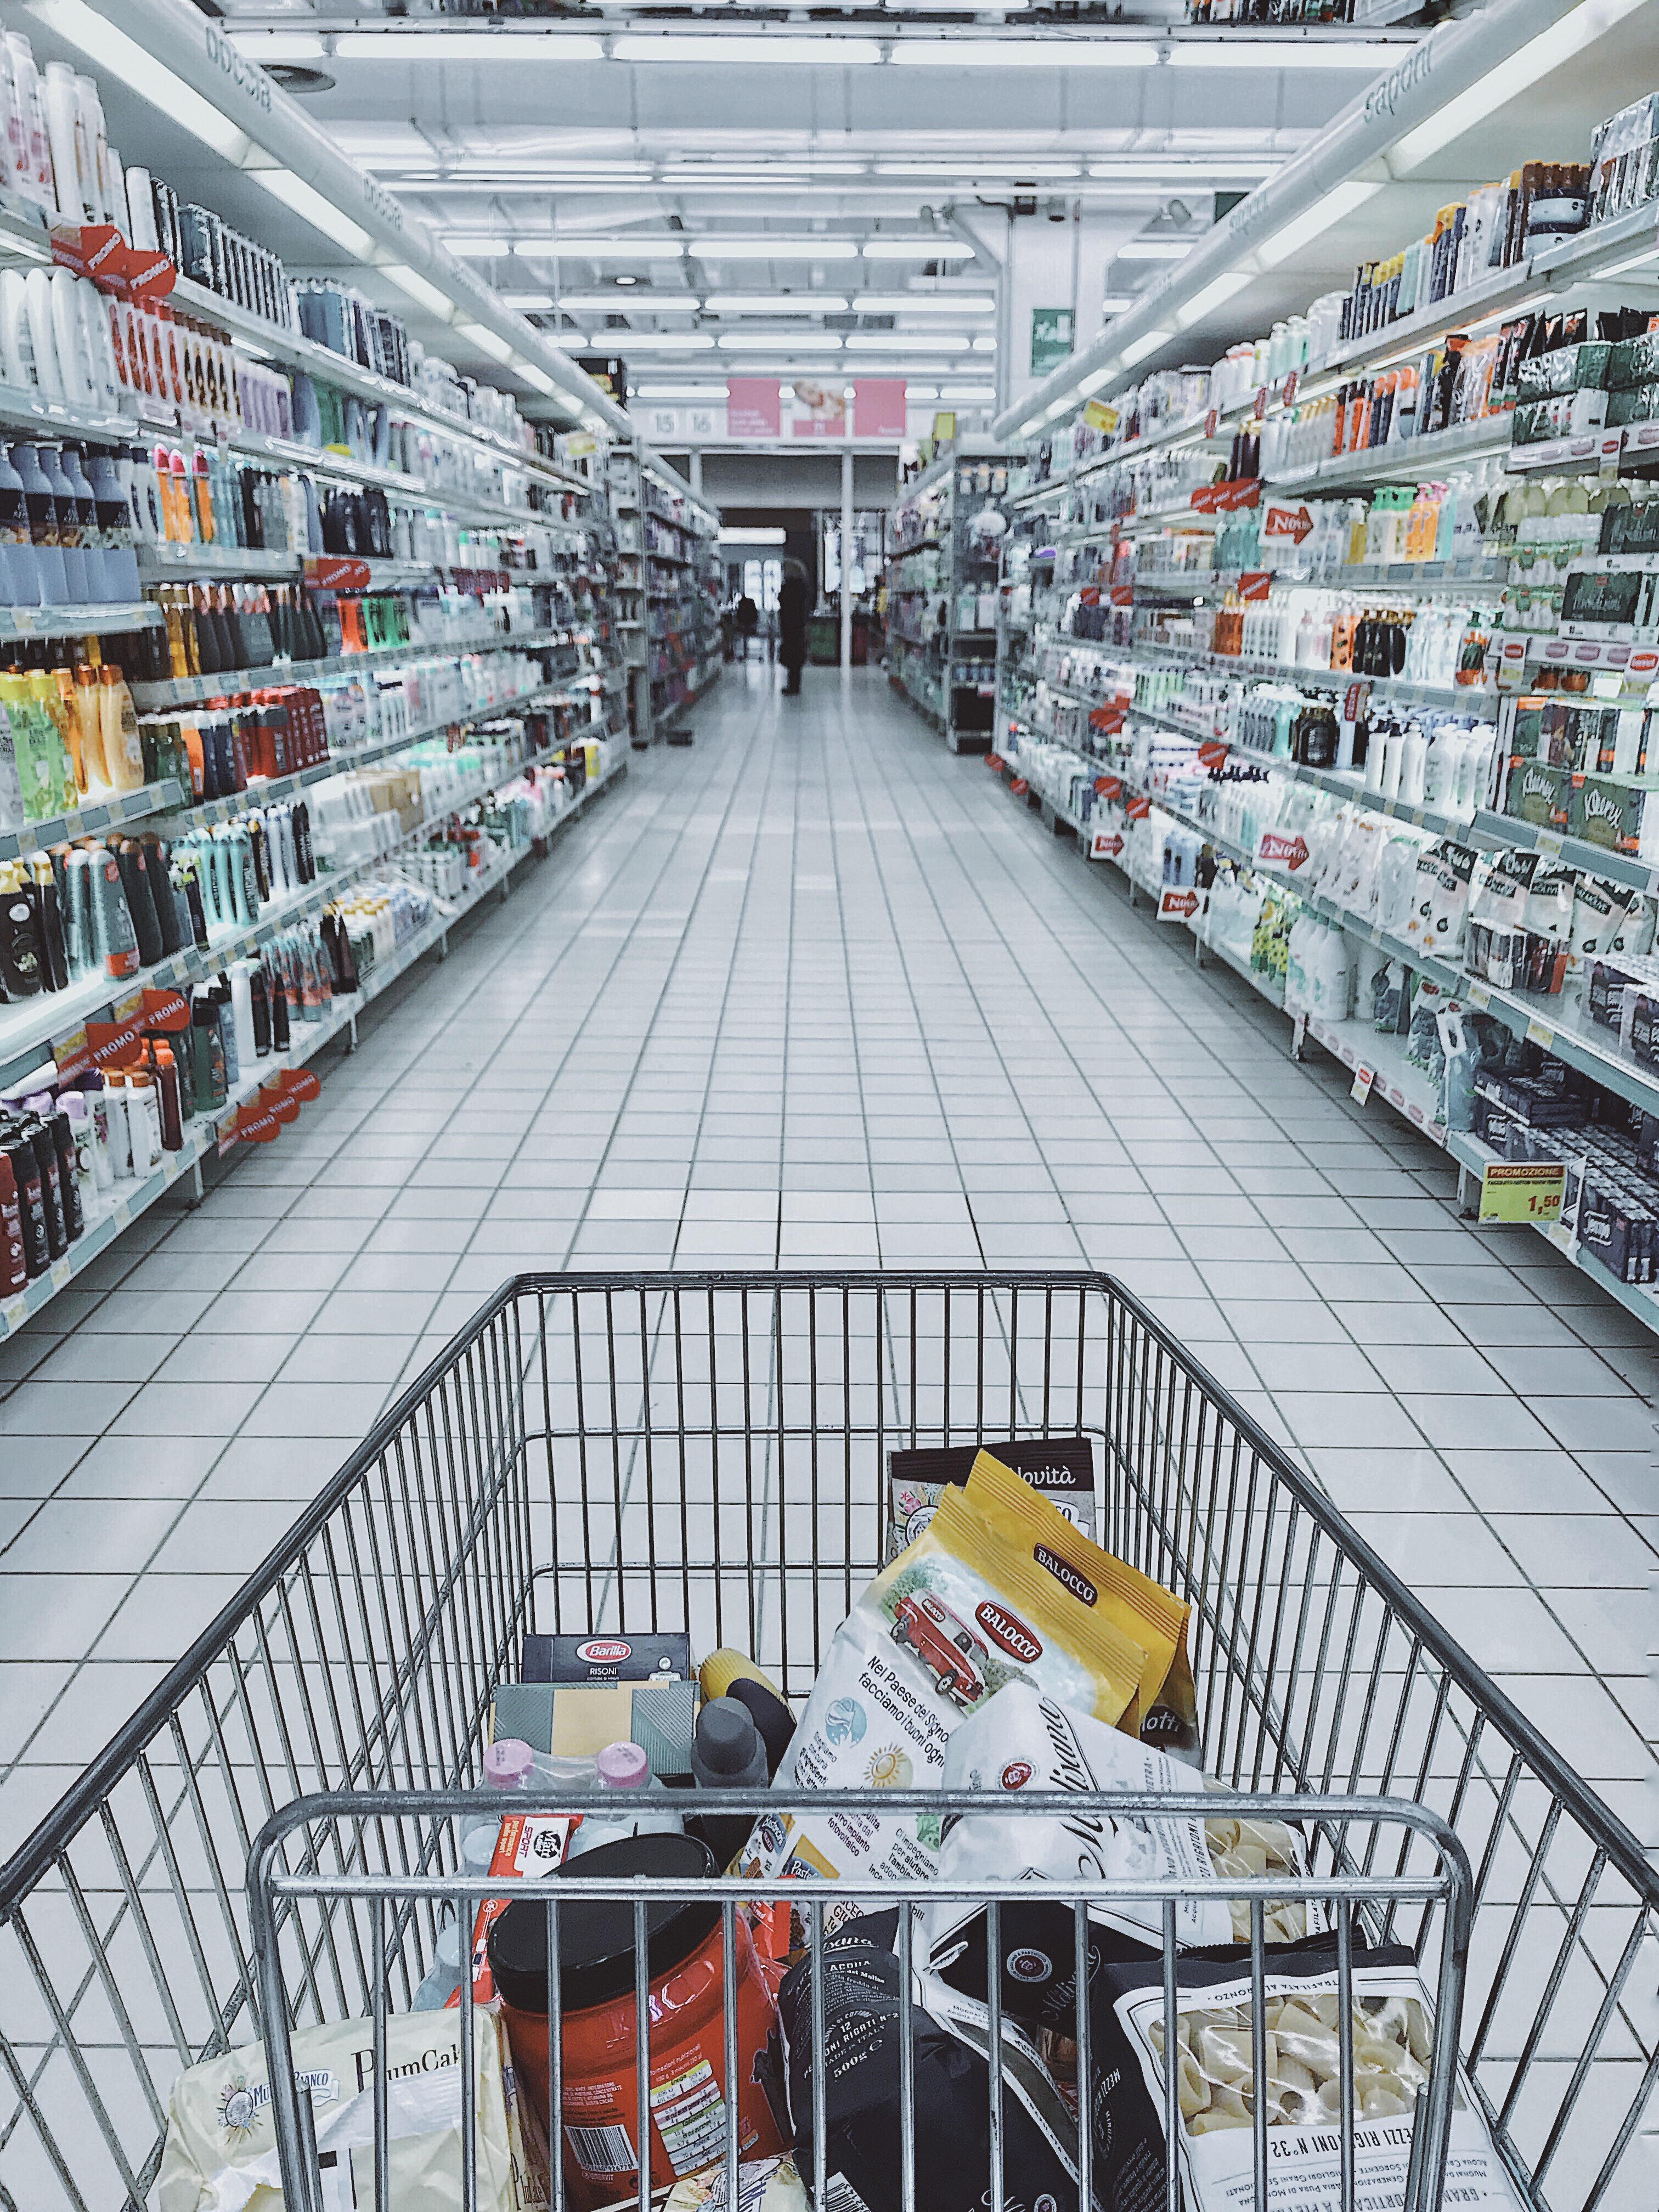 همکاری در فروش، یک روش مارکتینگ جدید در کسبوکارهای اینترنتی